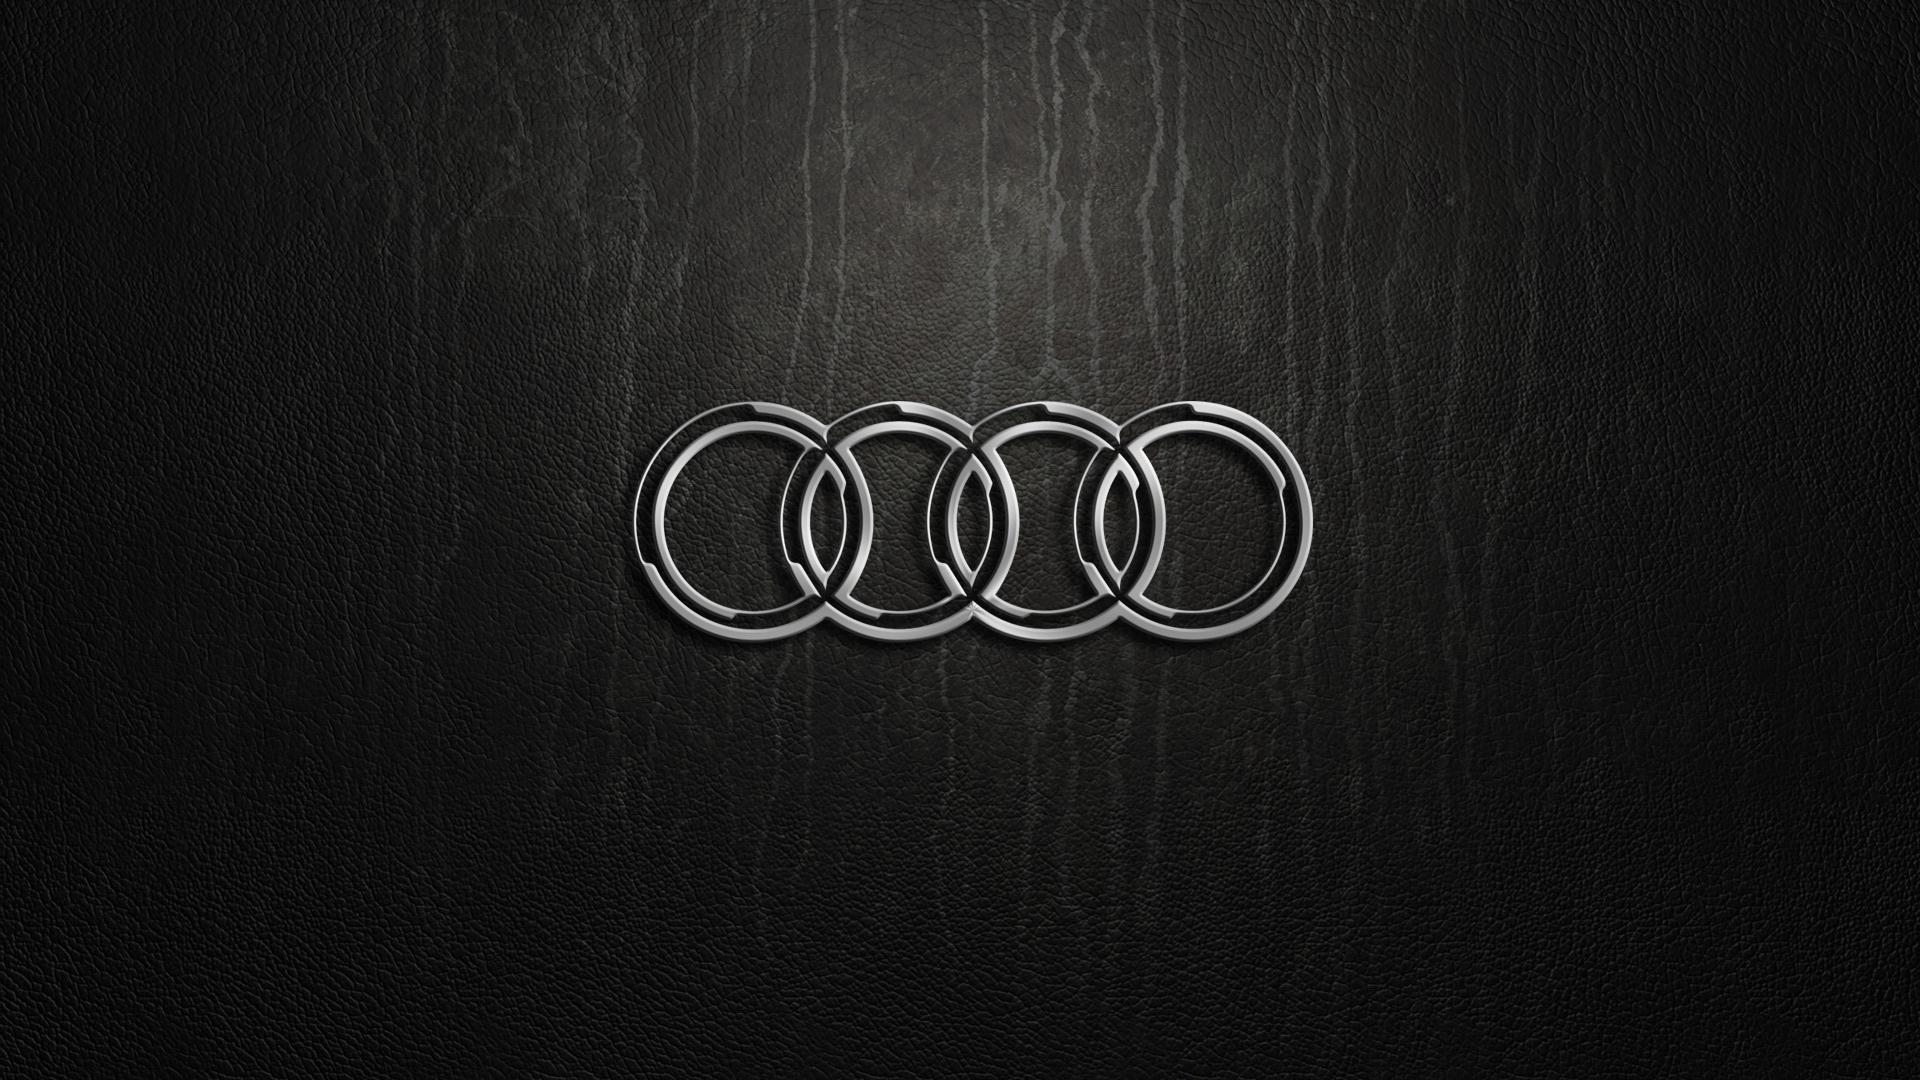 15297 Audi Logo Full HD Wallpaper 19201080 1920x1080